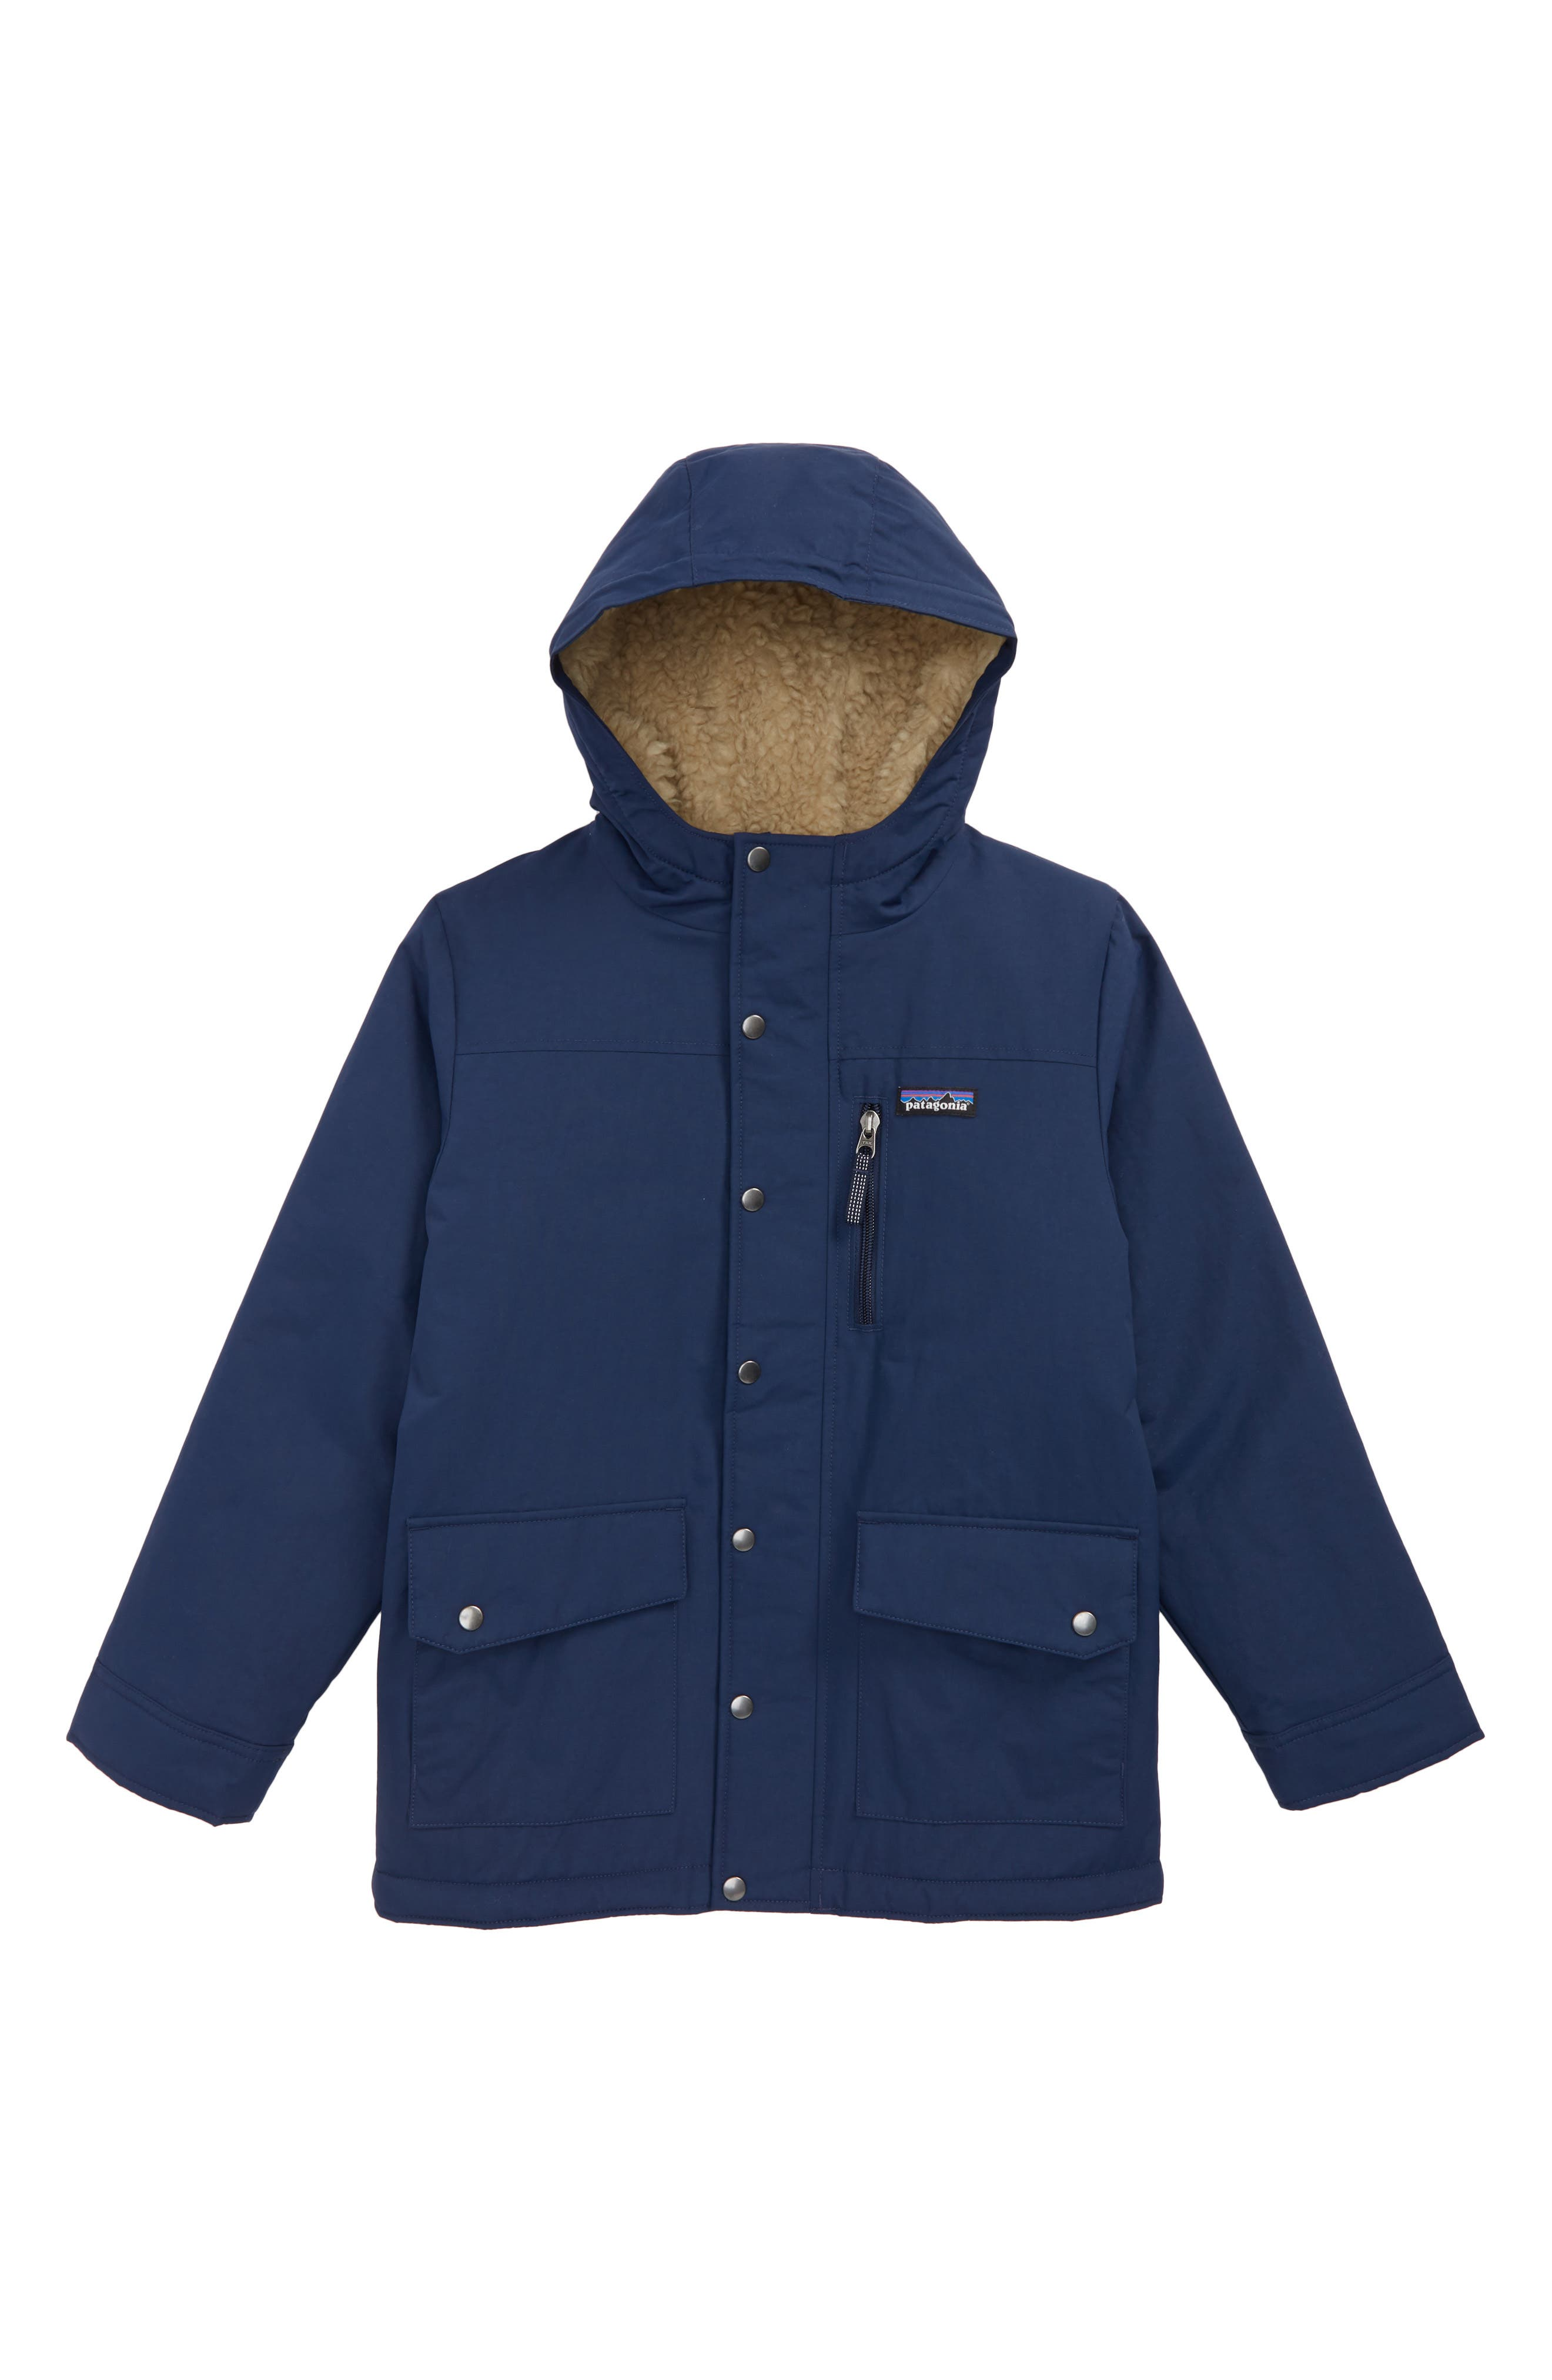 Infurno Hooded Jacket,                             Main thumbnail 1, color,